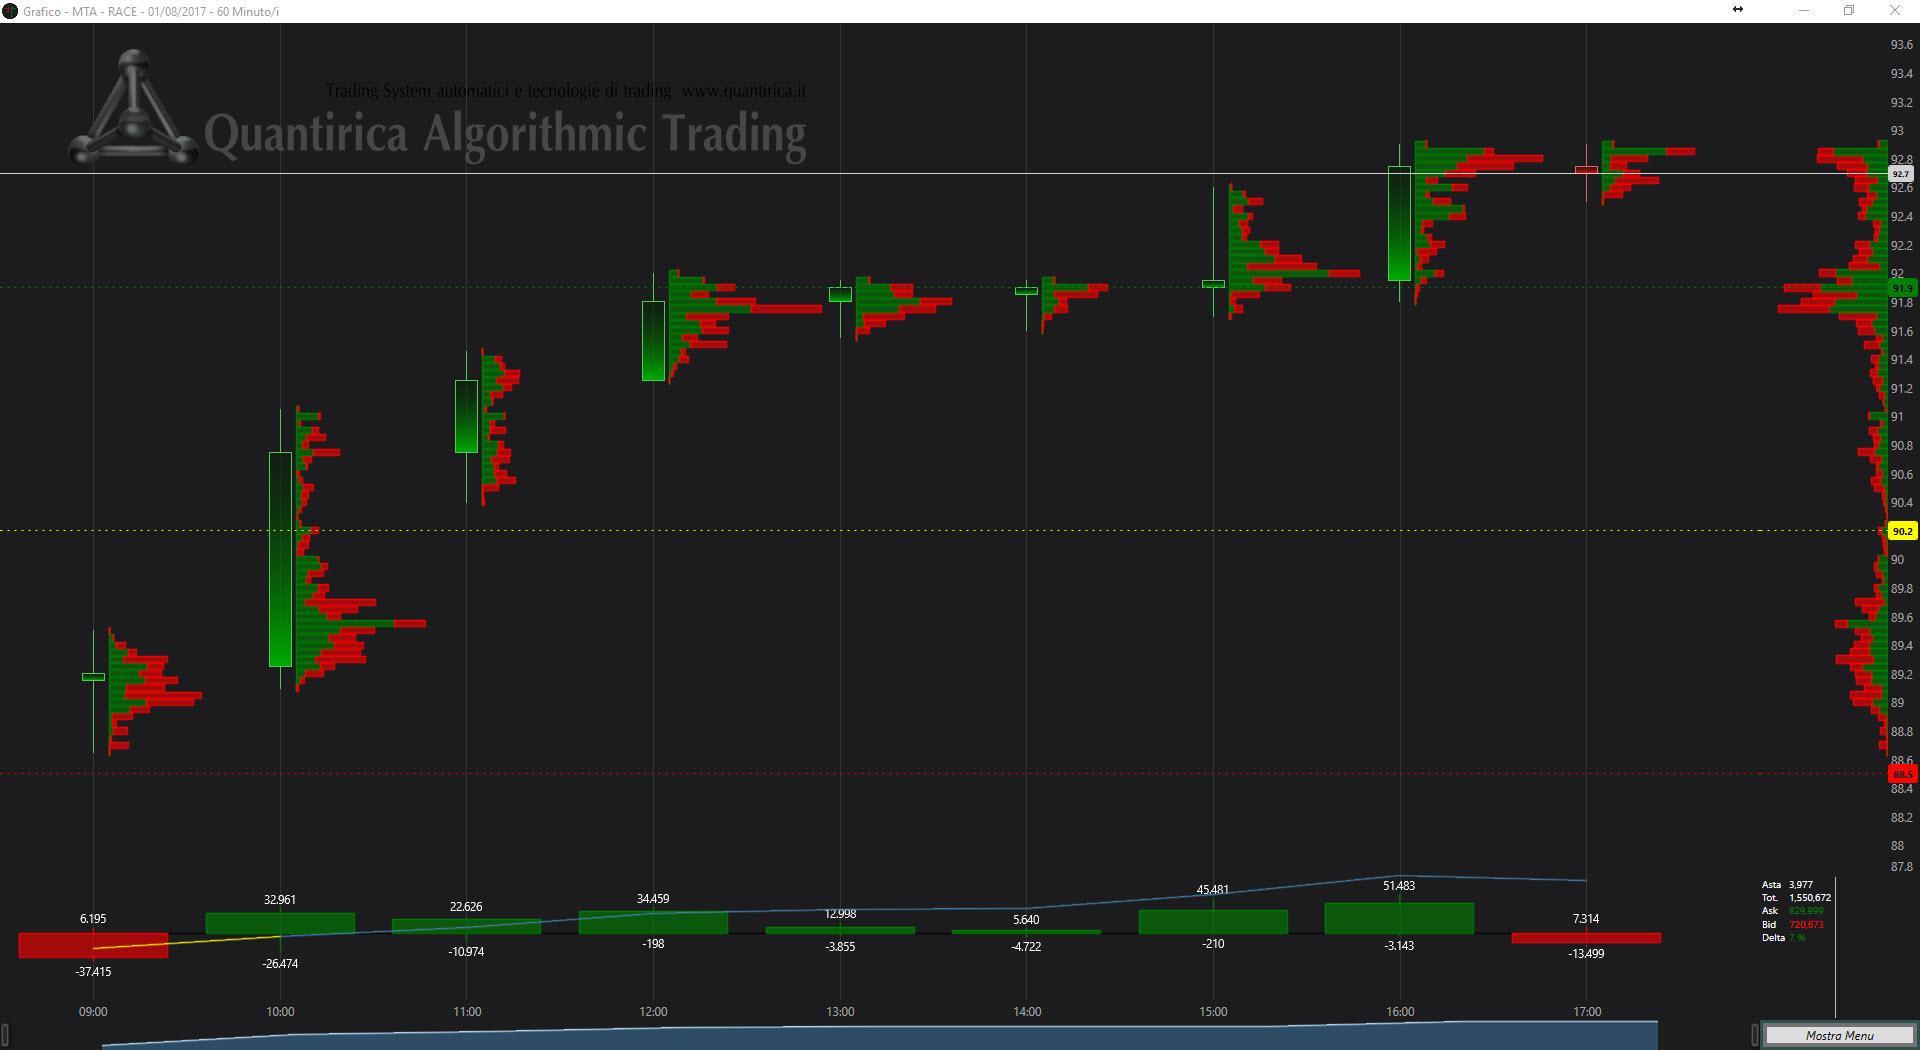 Analisi dei flussi di trading su Ferrari